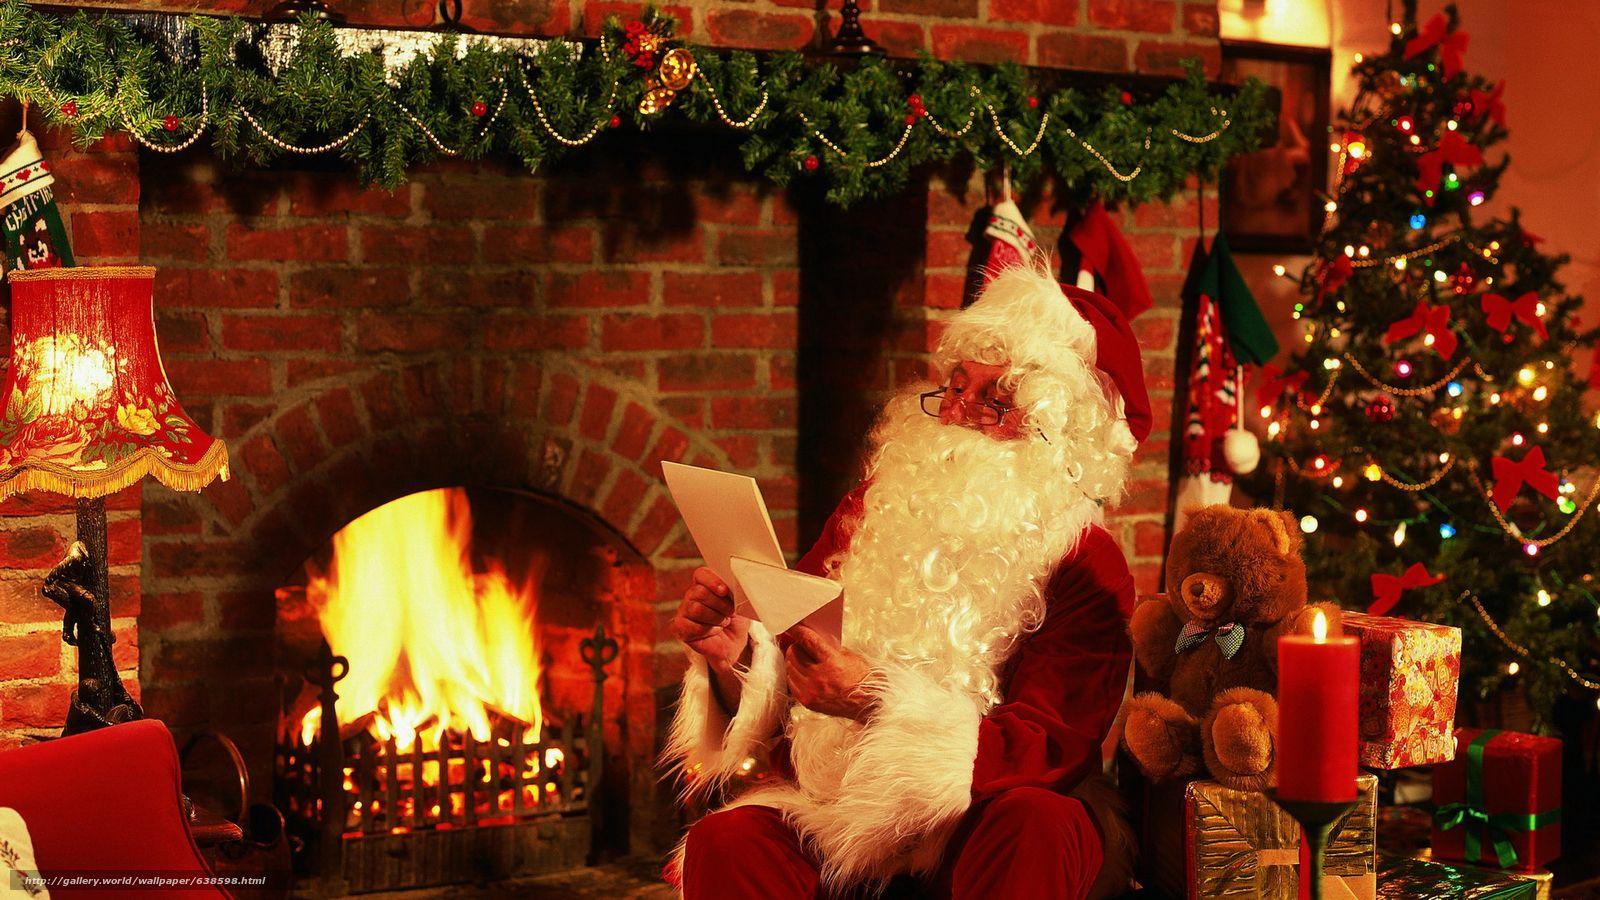 Tlcharger Fond d'ecran Père Noël, Père Noël, Nouvelle